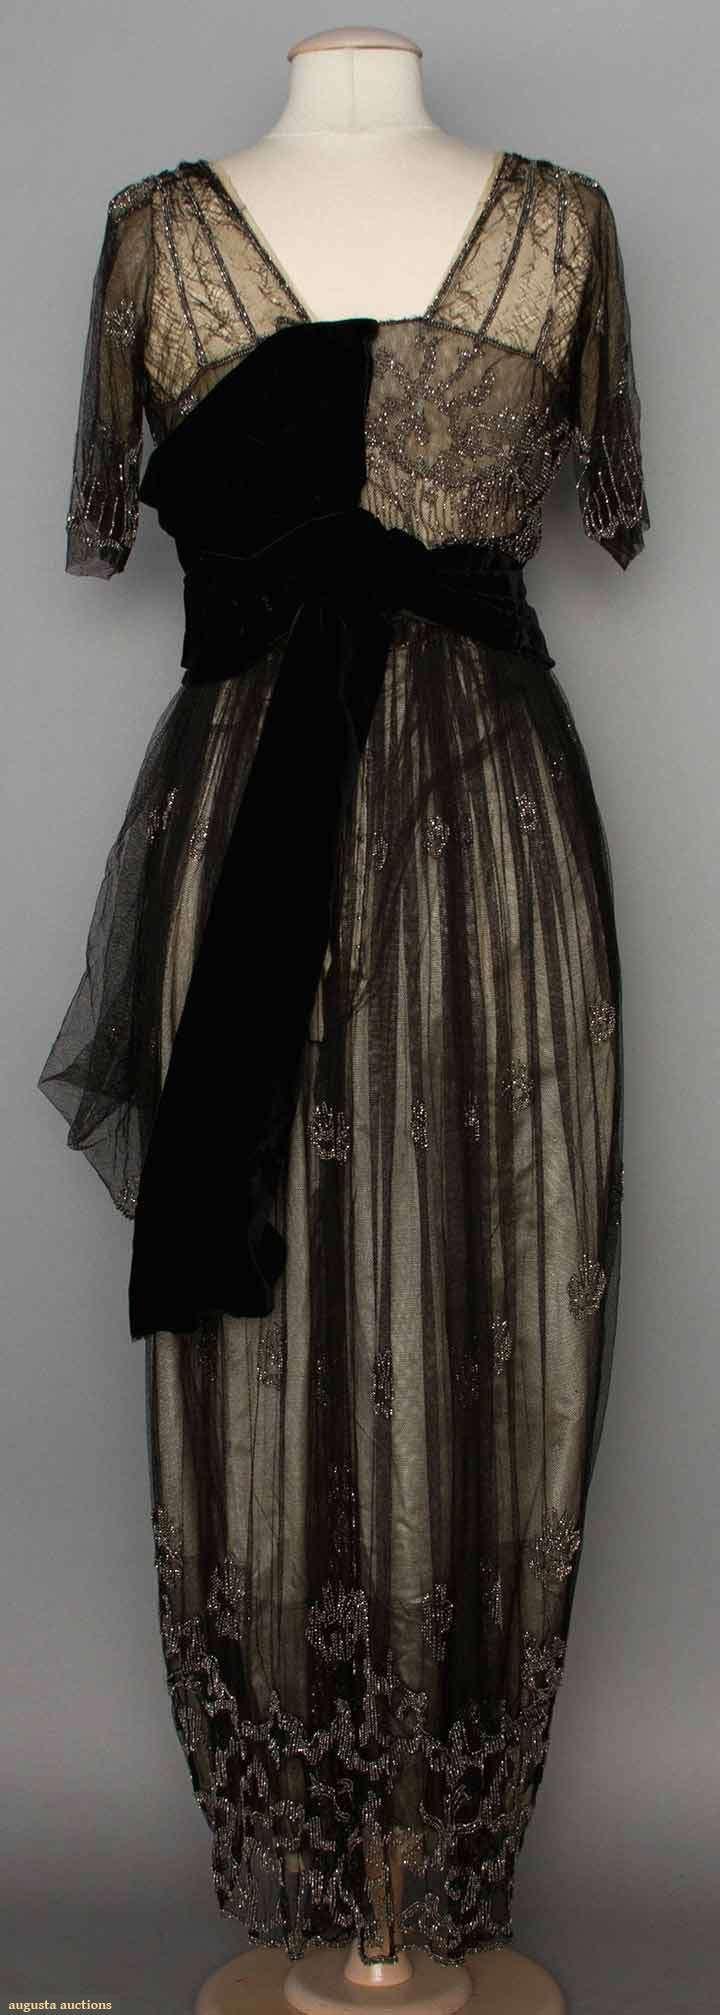 2 piece lace dresses cheap 1911